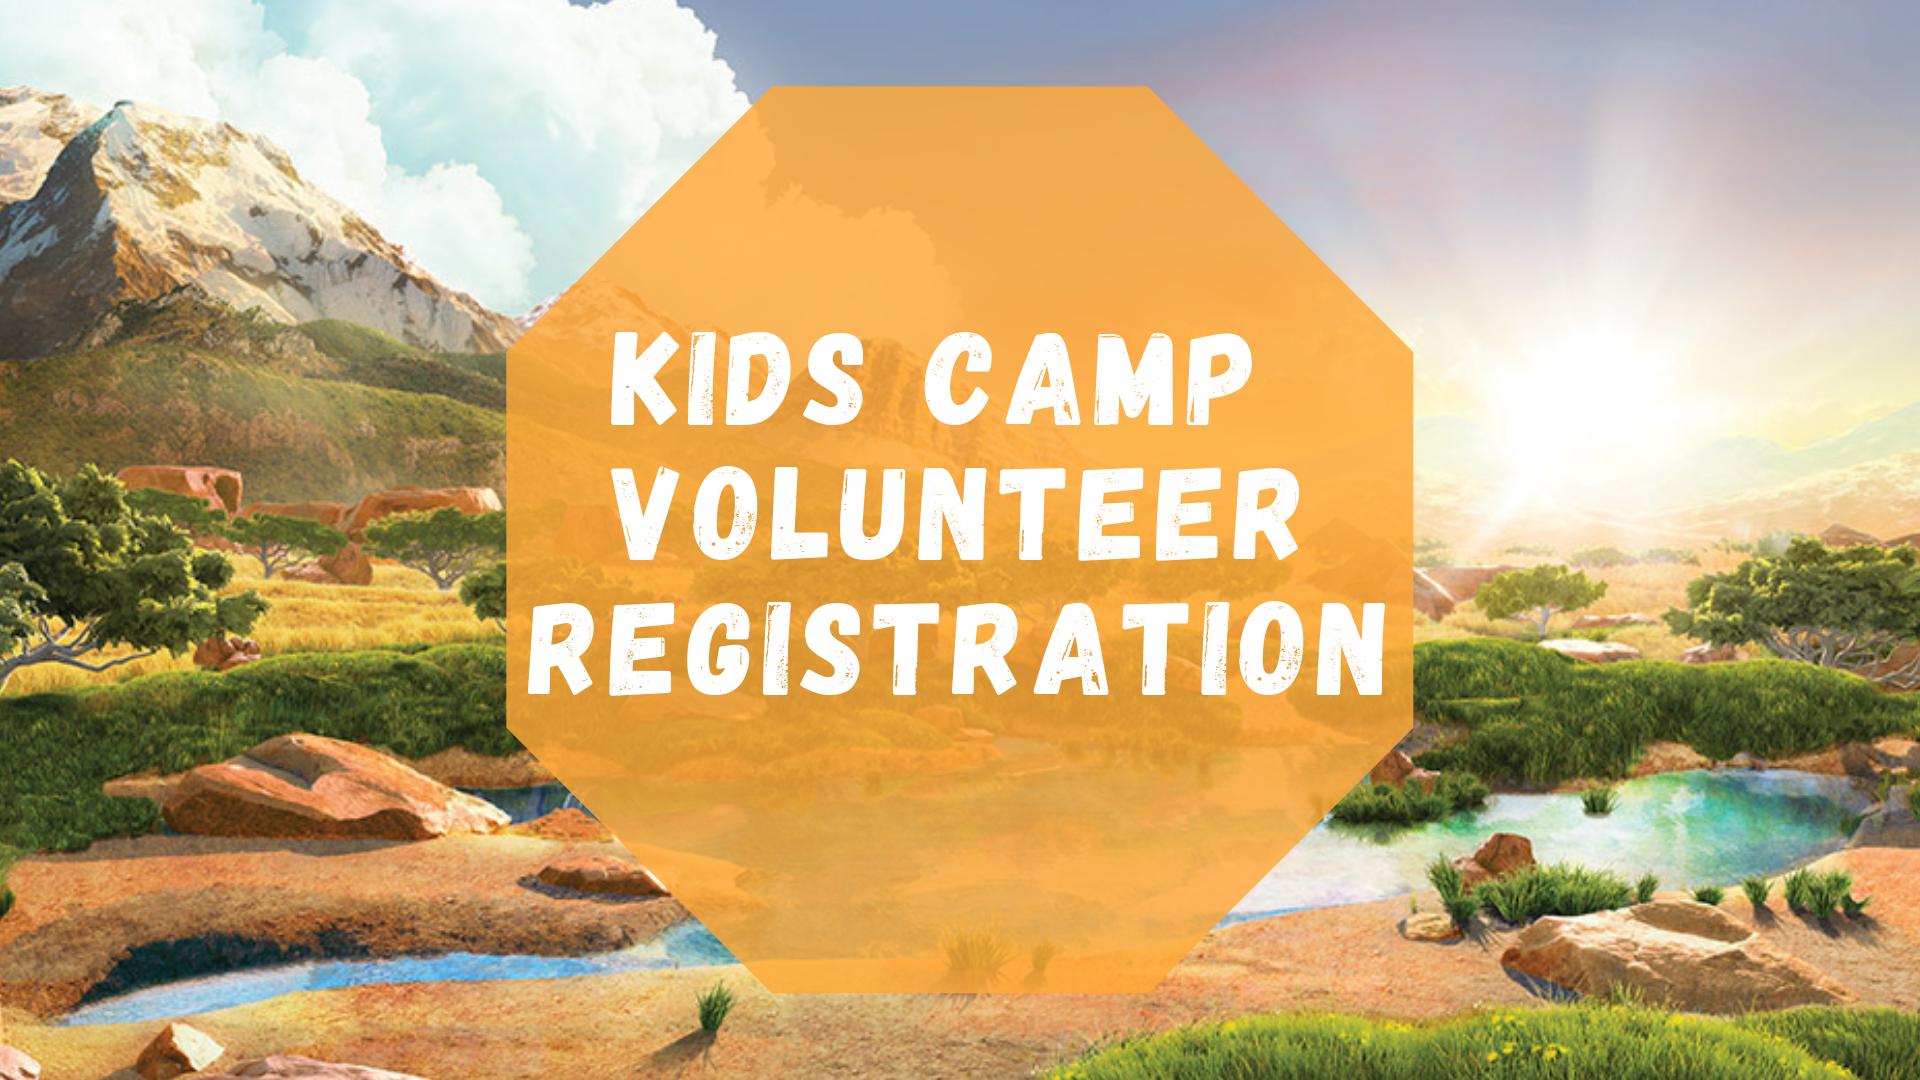 Kids Camp Volunteer Registration.png